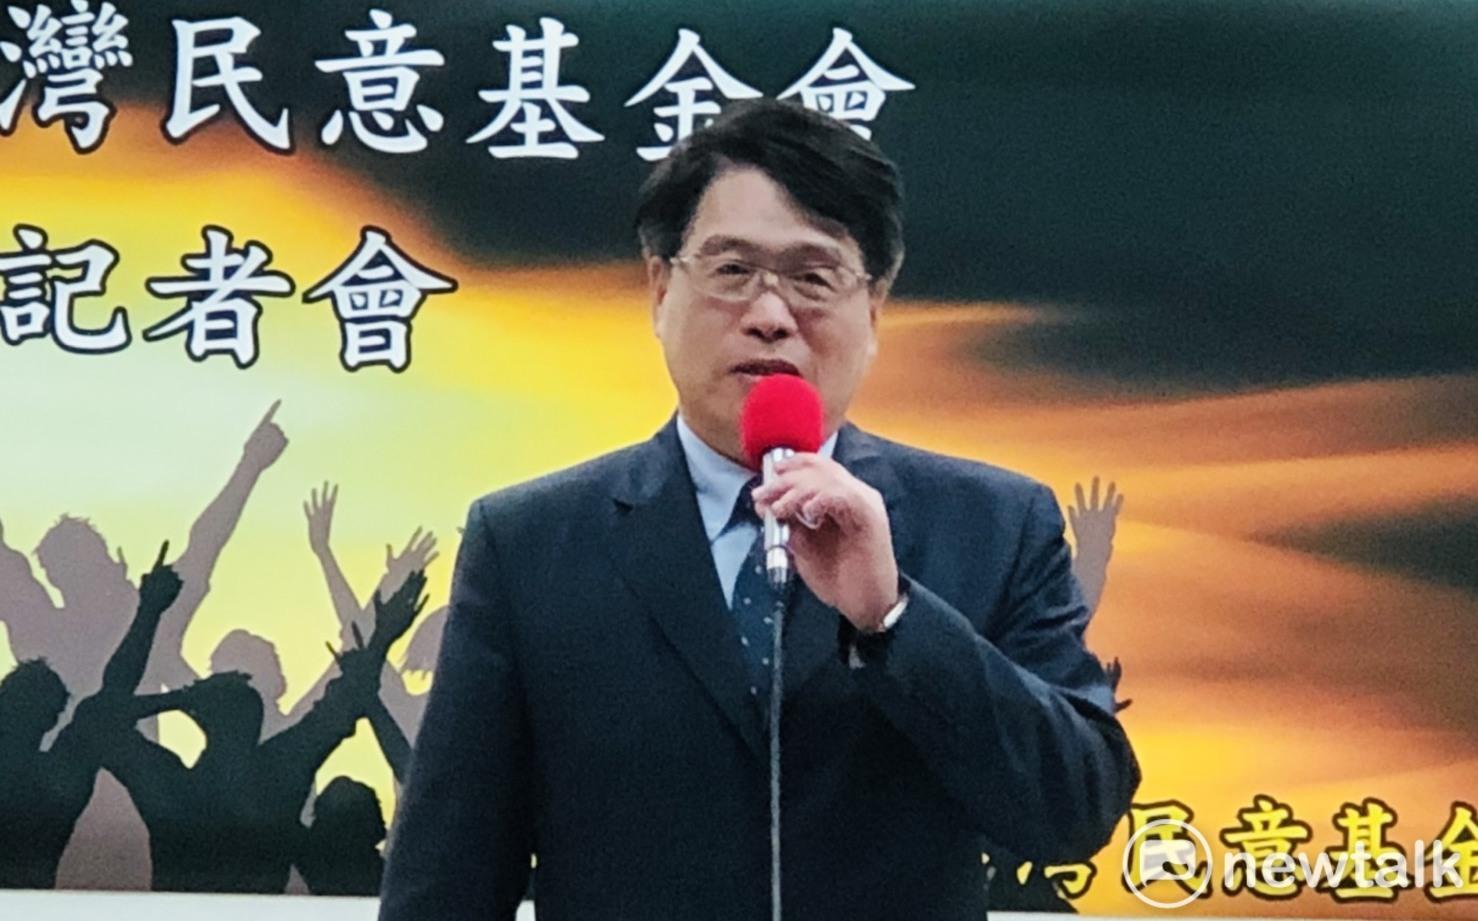 蔡英文台鐵改革宣言 游盈隆:充滿在野情結的執政黨主席   政治   新頭